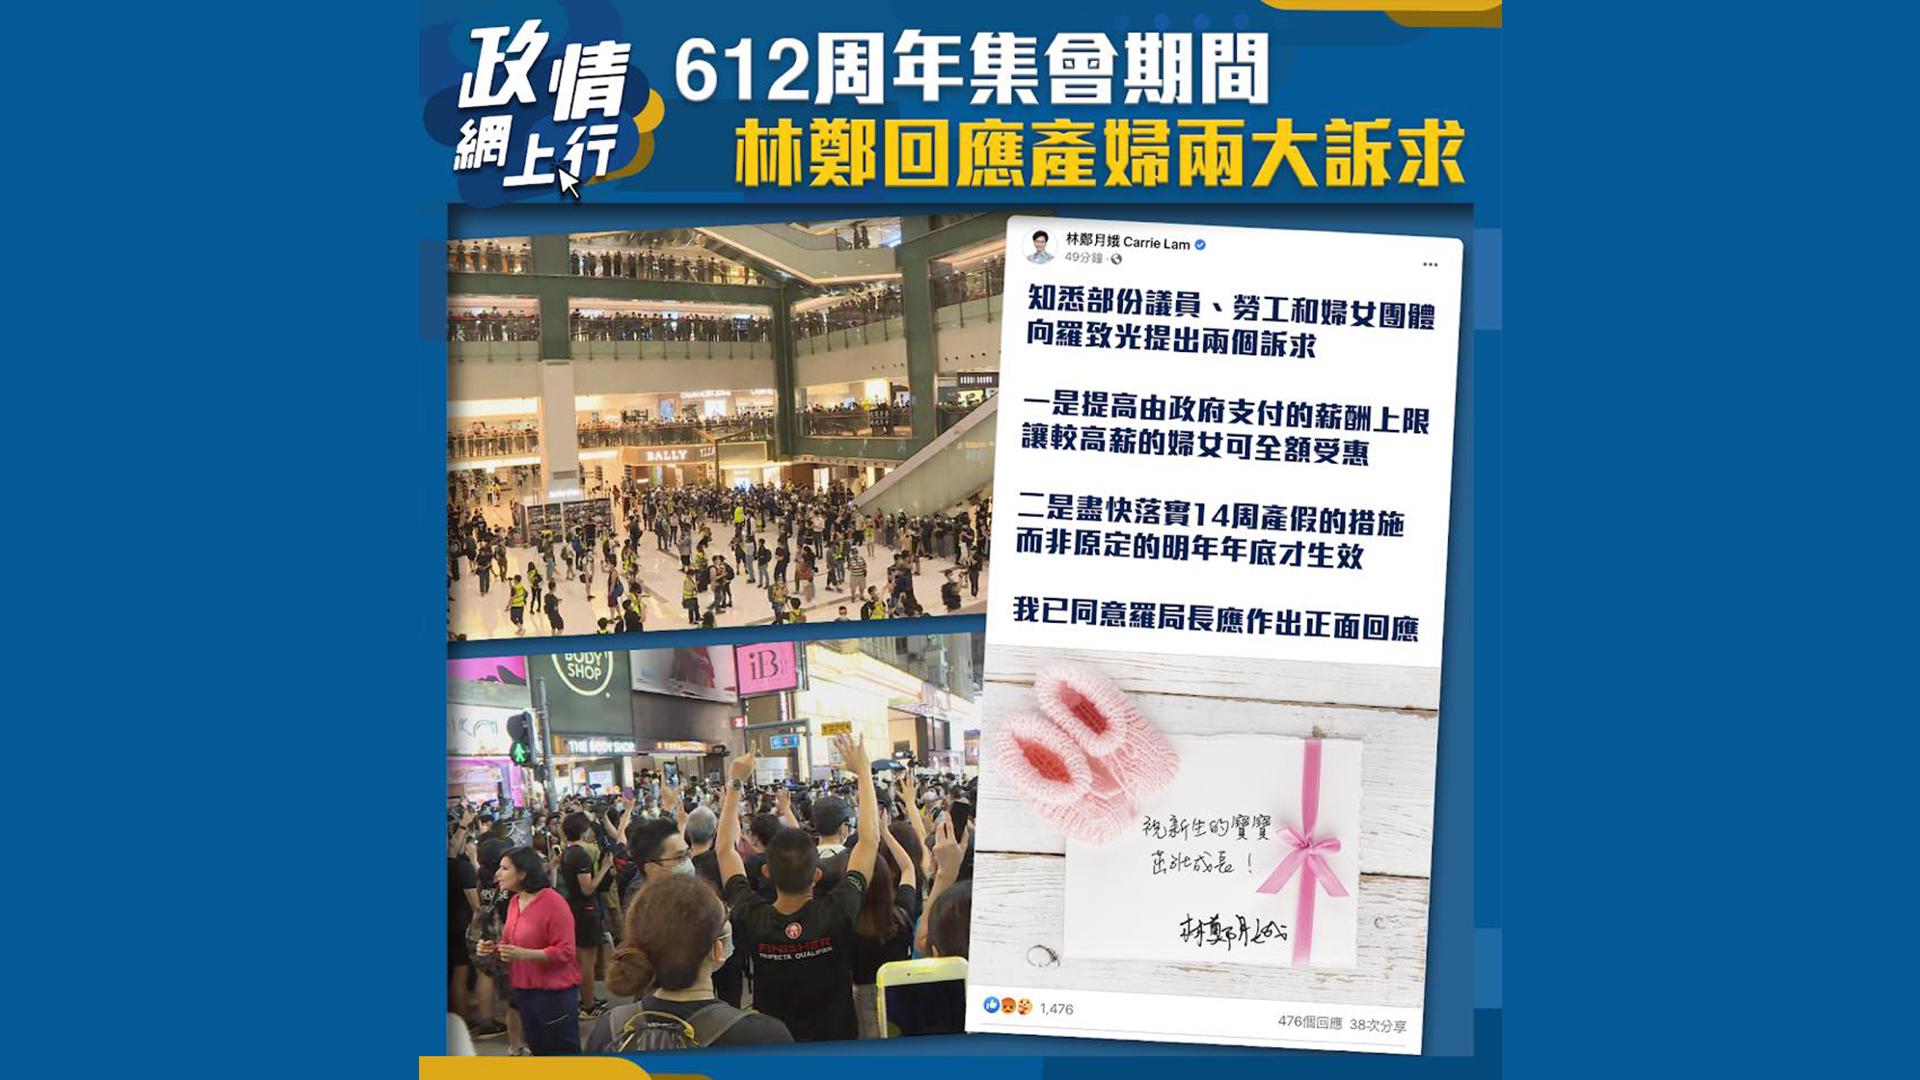 【政情網上行】612周年集會期間 林鄭回應產婦兩大訴求